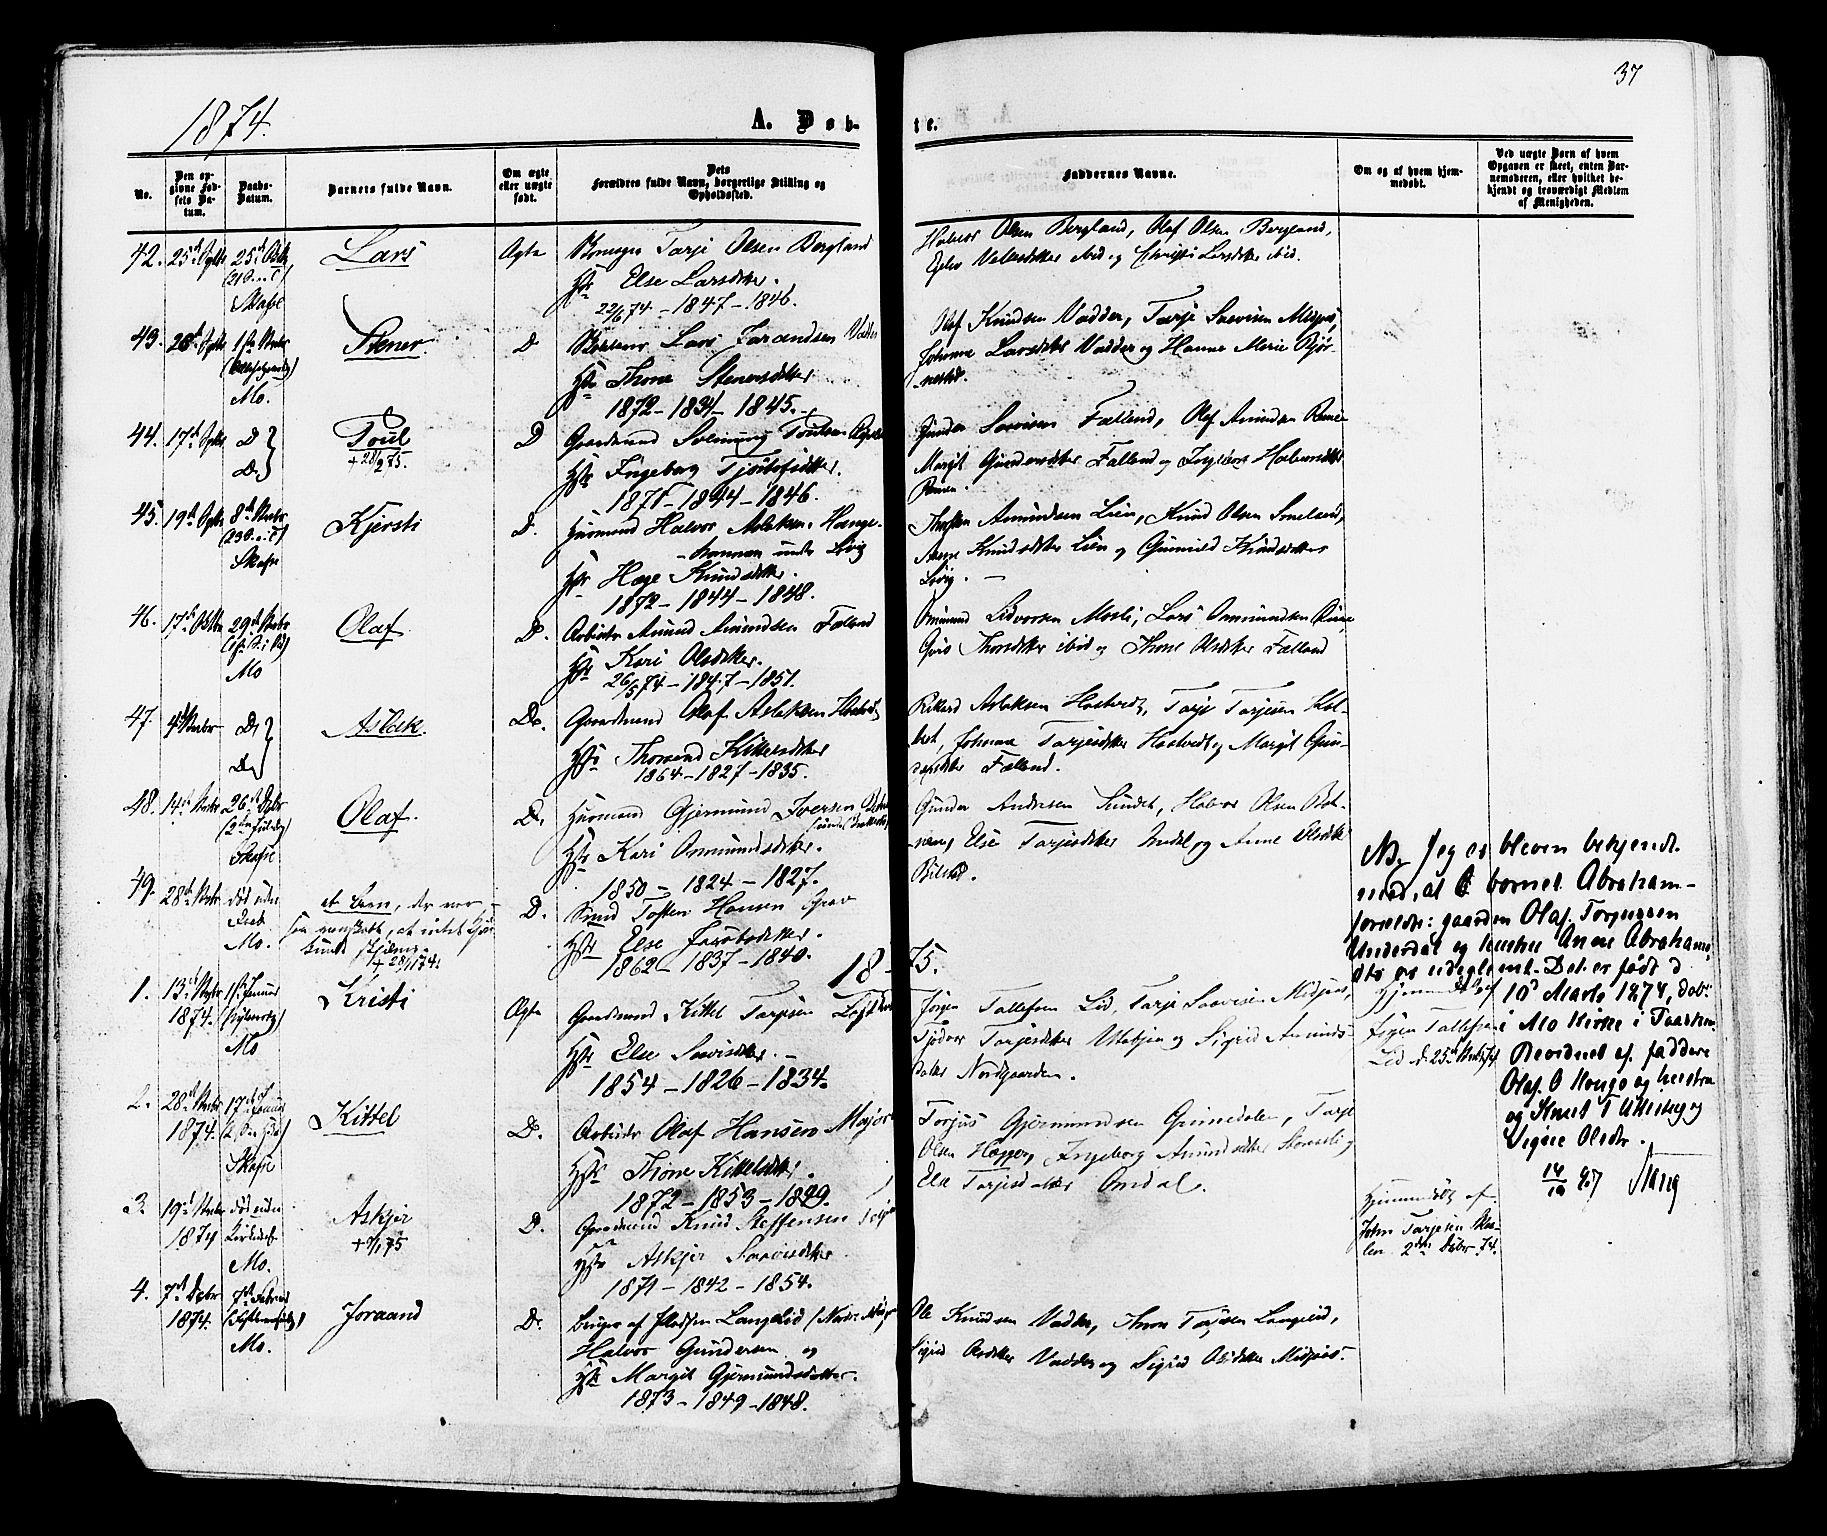 SAKO, Mo kirkebøker, F/Fa/L0006: Ministerialbok nr. I 6, 1865-1885, s. 37